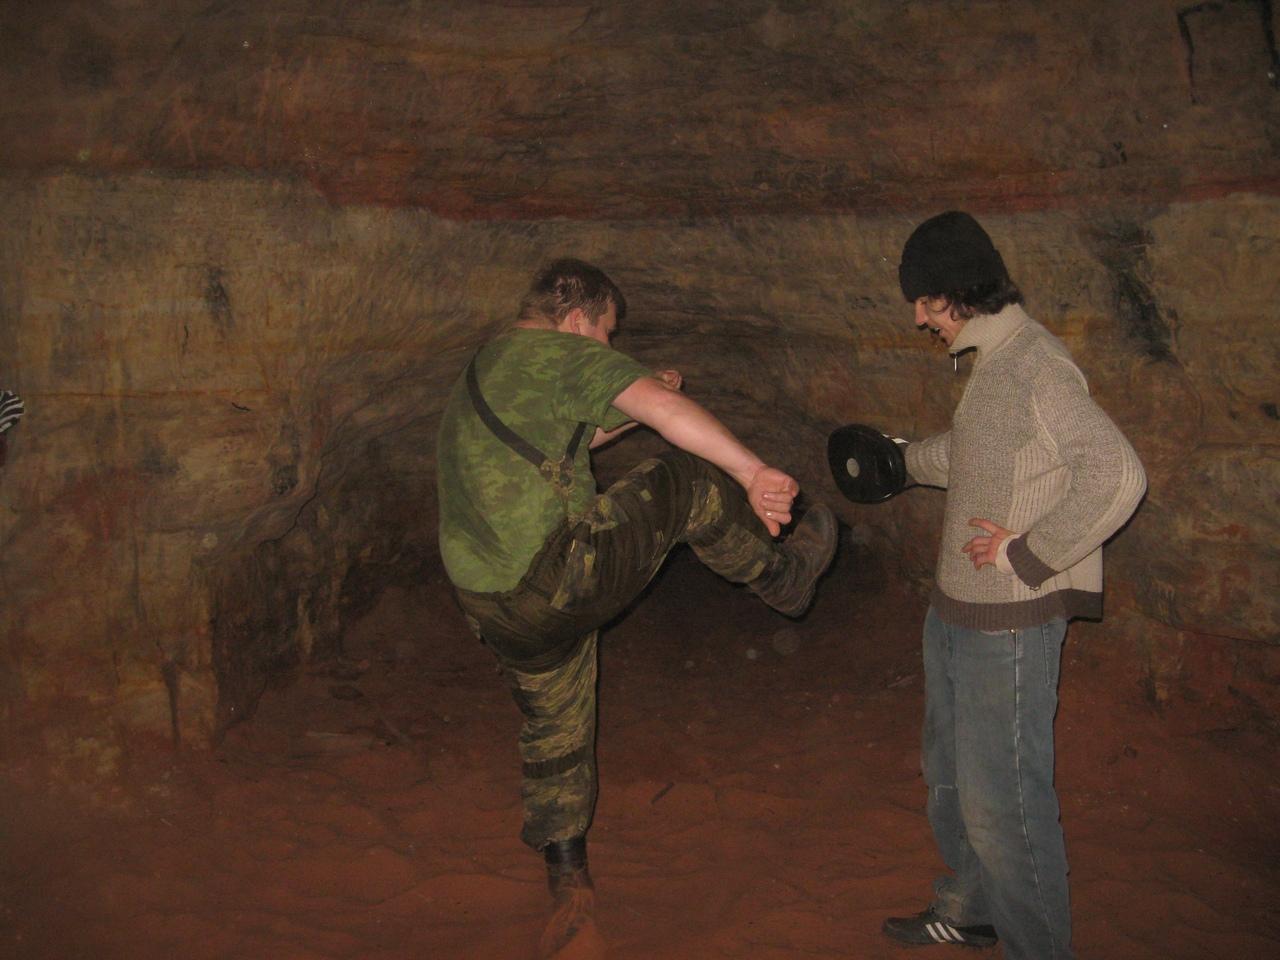 Рукопашный бой в пещере. Спортивная тренировка в подземелье.И прогулка по пещере Пляжной